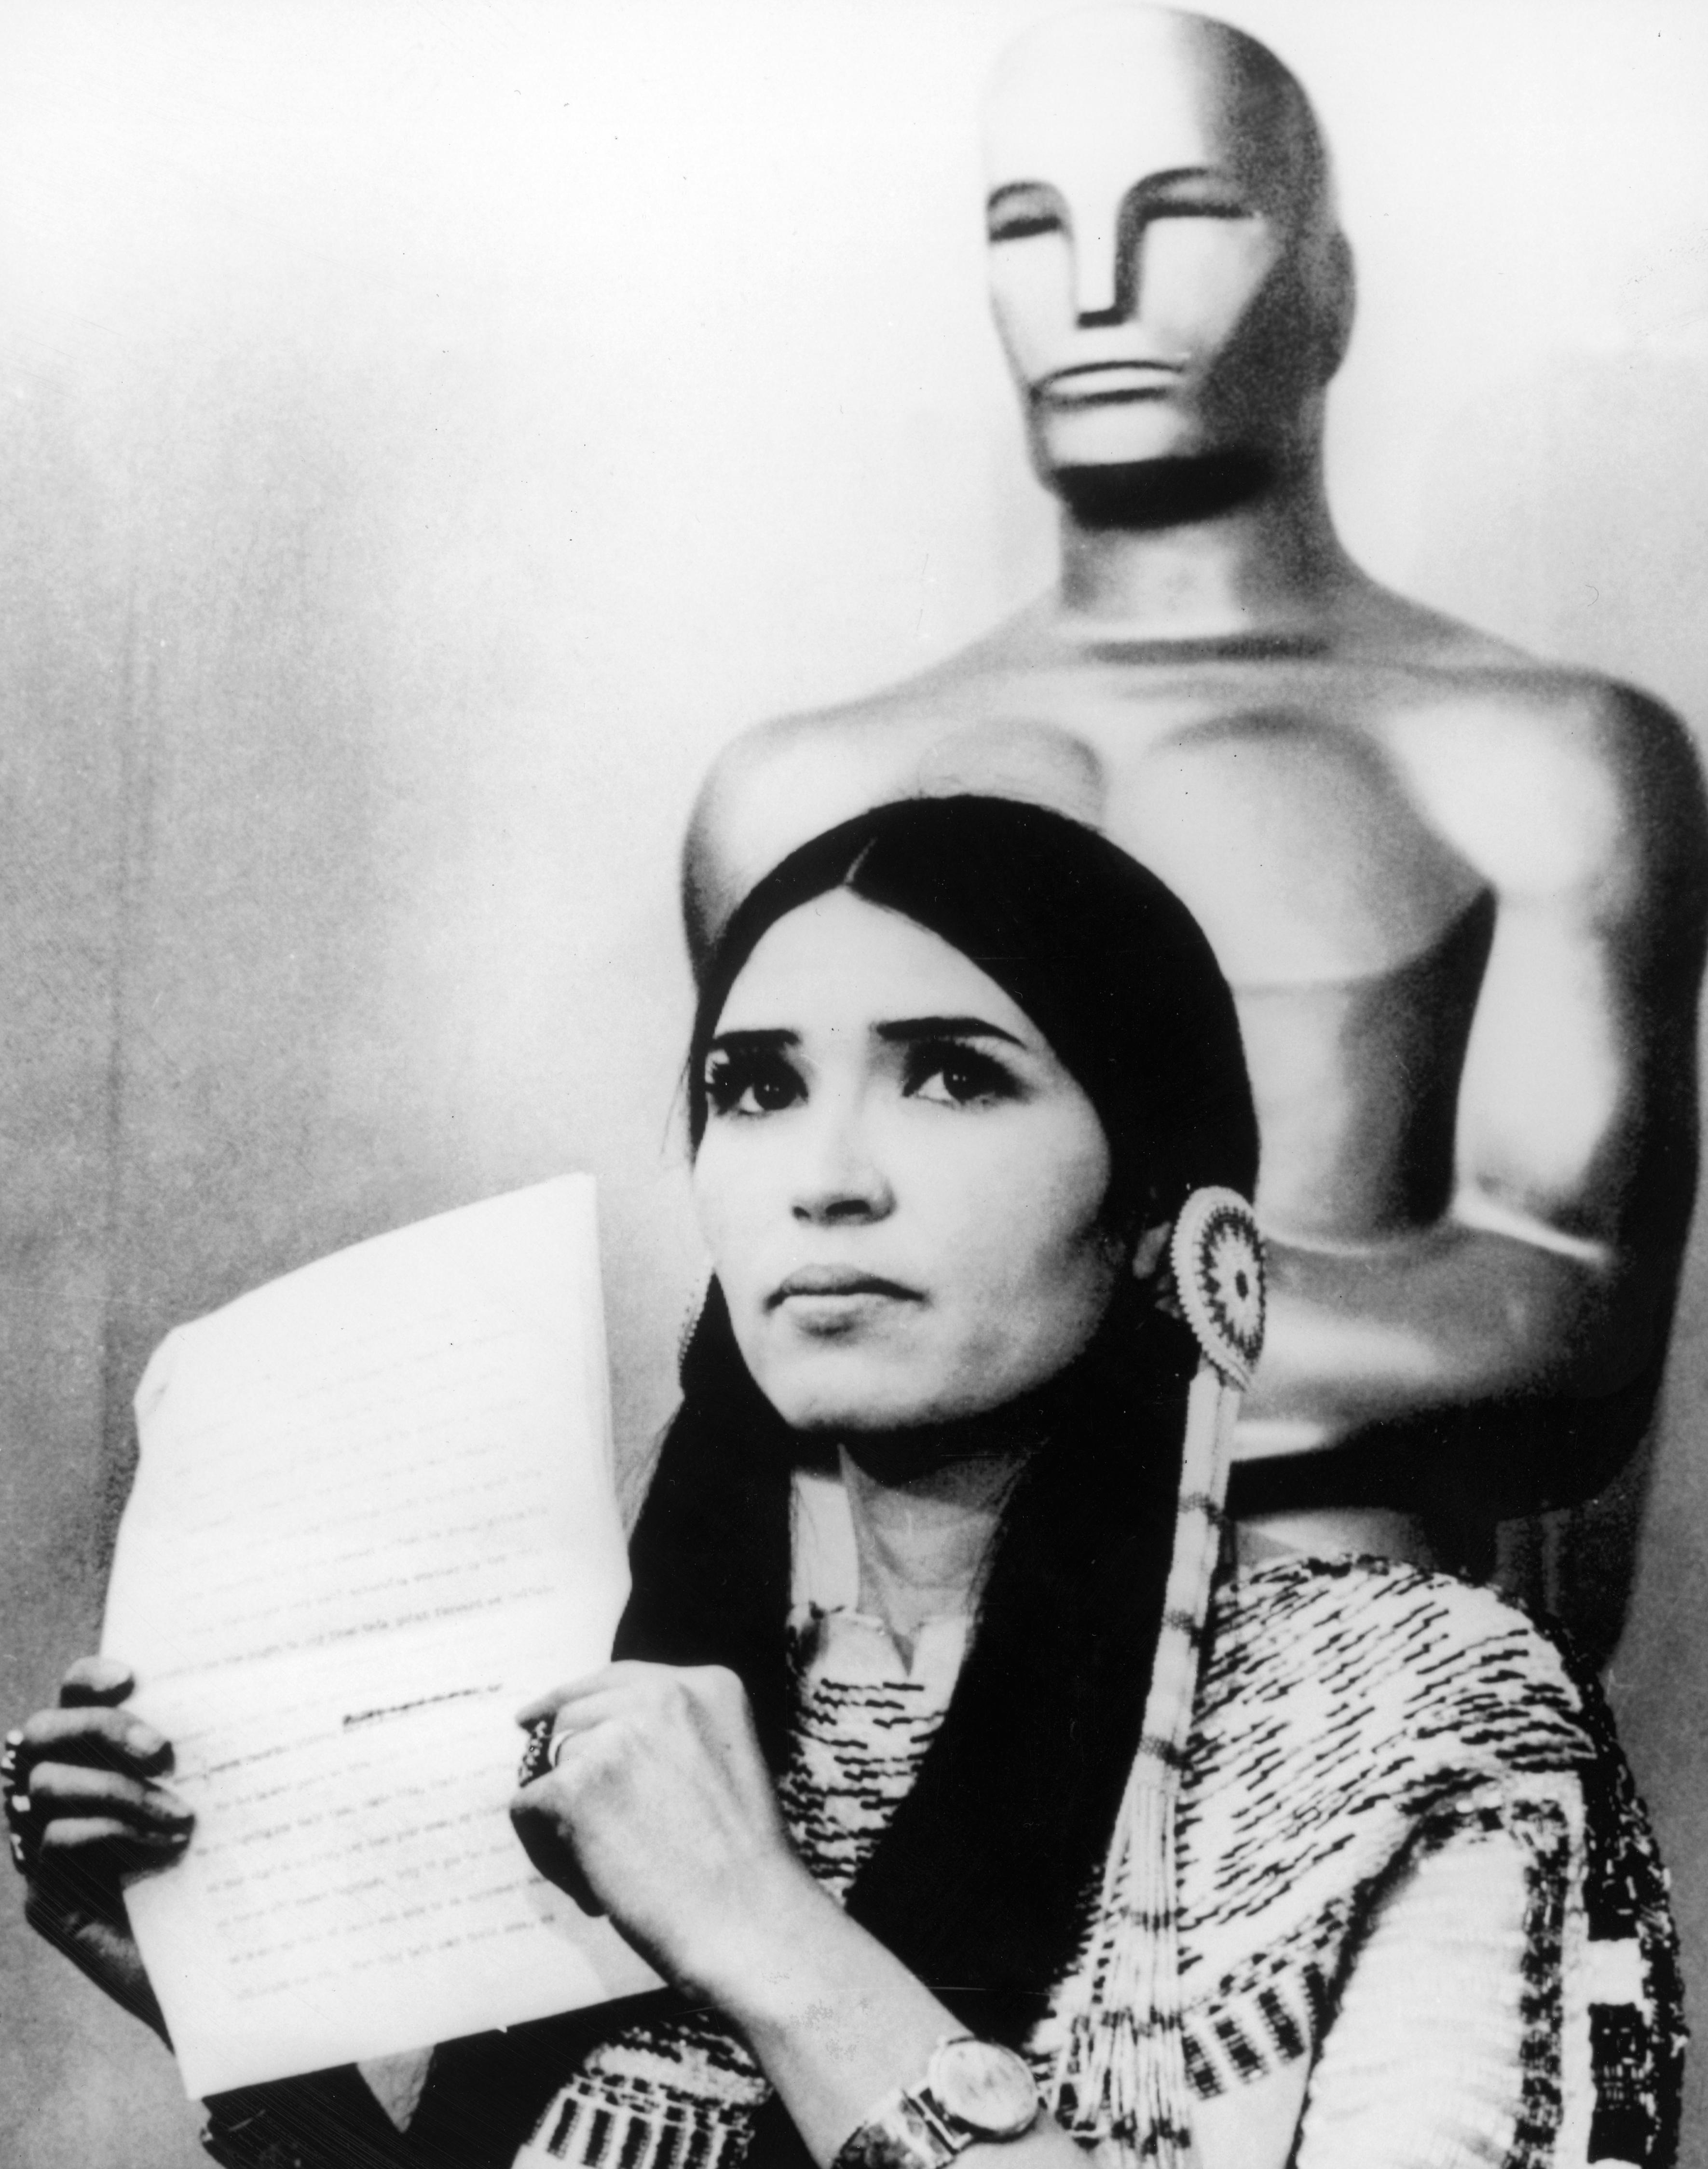 Das war ein politisches Statement: die Schauspielerin Maria Cruz alias Sacheen Littlefeather 1973 bei der Oscarverleihung anstelle von Marlon Brando.